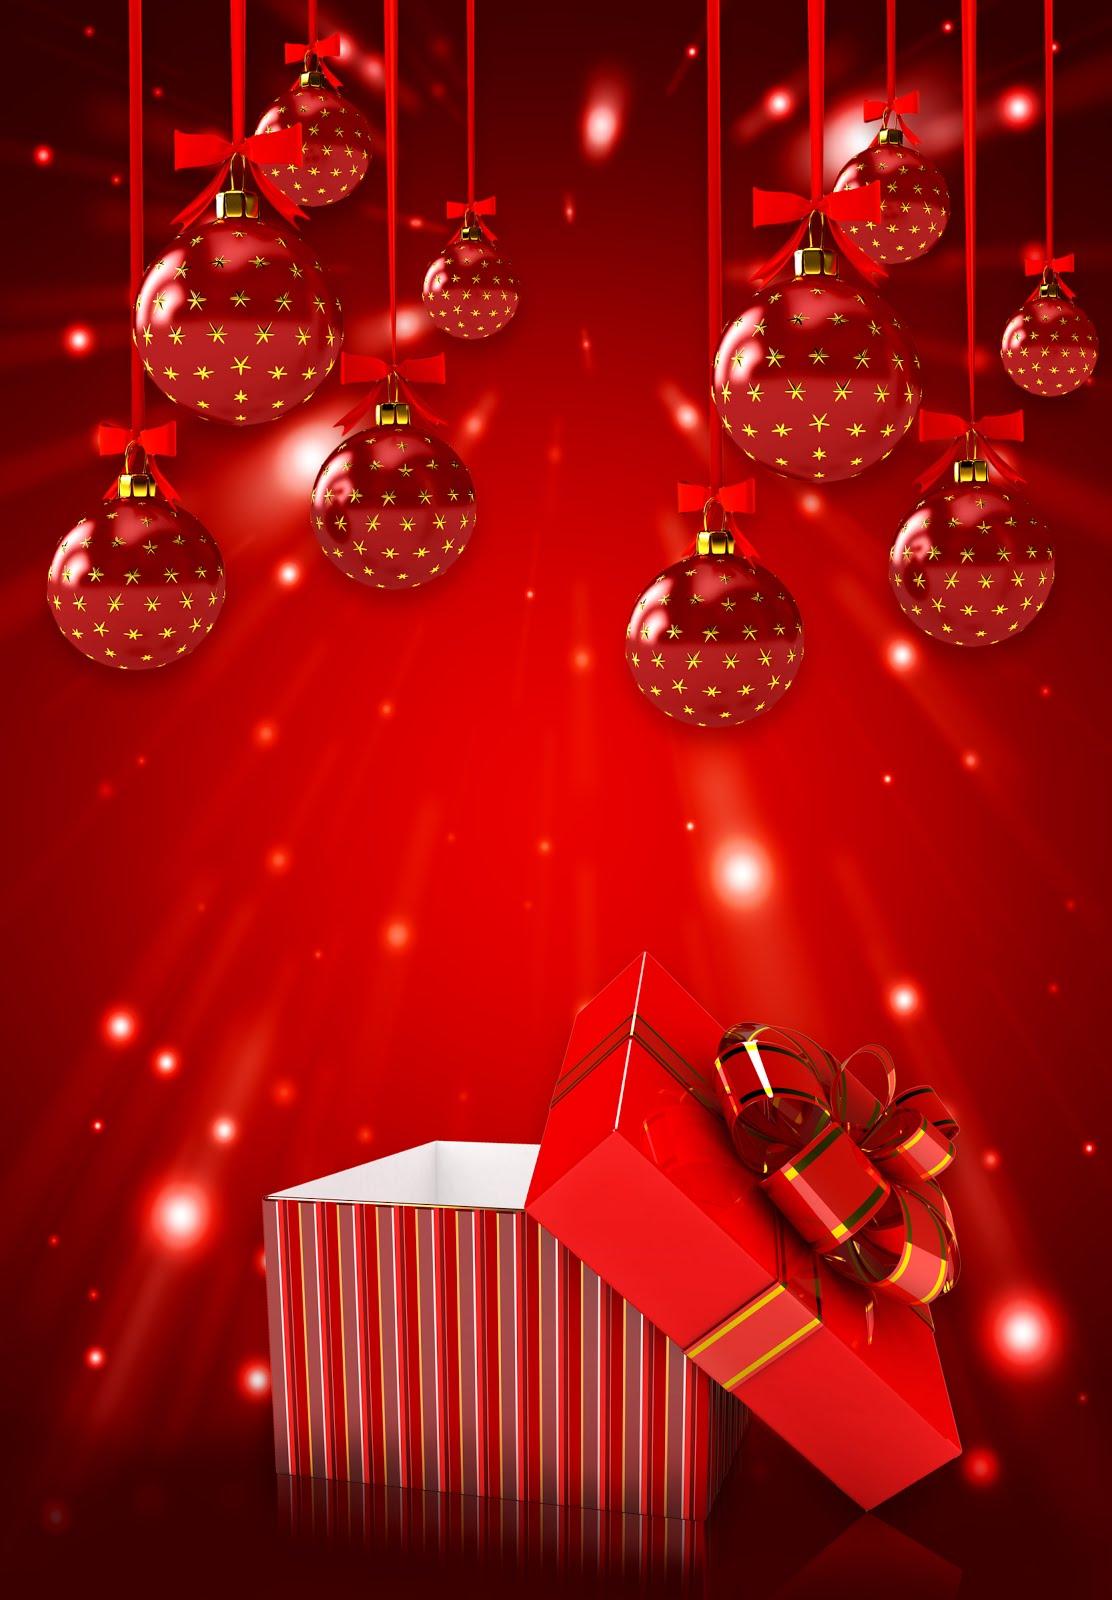 FONDOS DE NAVIDAD - FONDOS NAVIDEÑOS Postal-navide%25C3%25B1a-con-esferas-rojas-para-compartir-en-Navidad